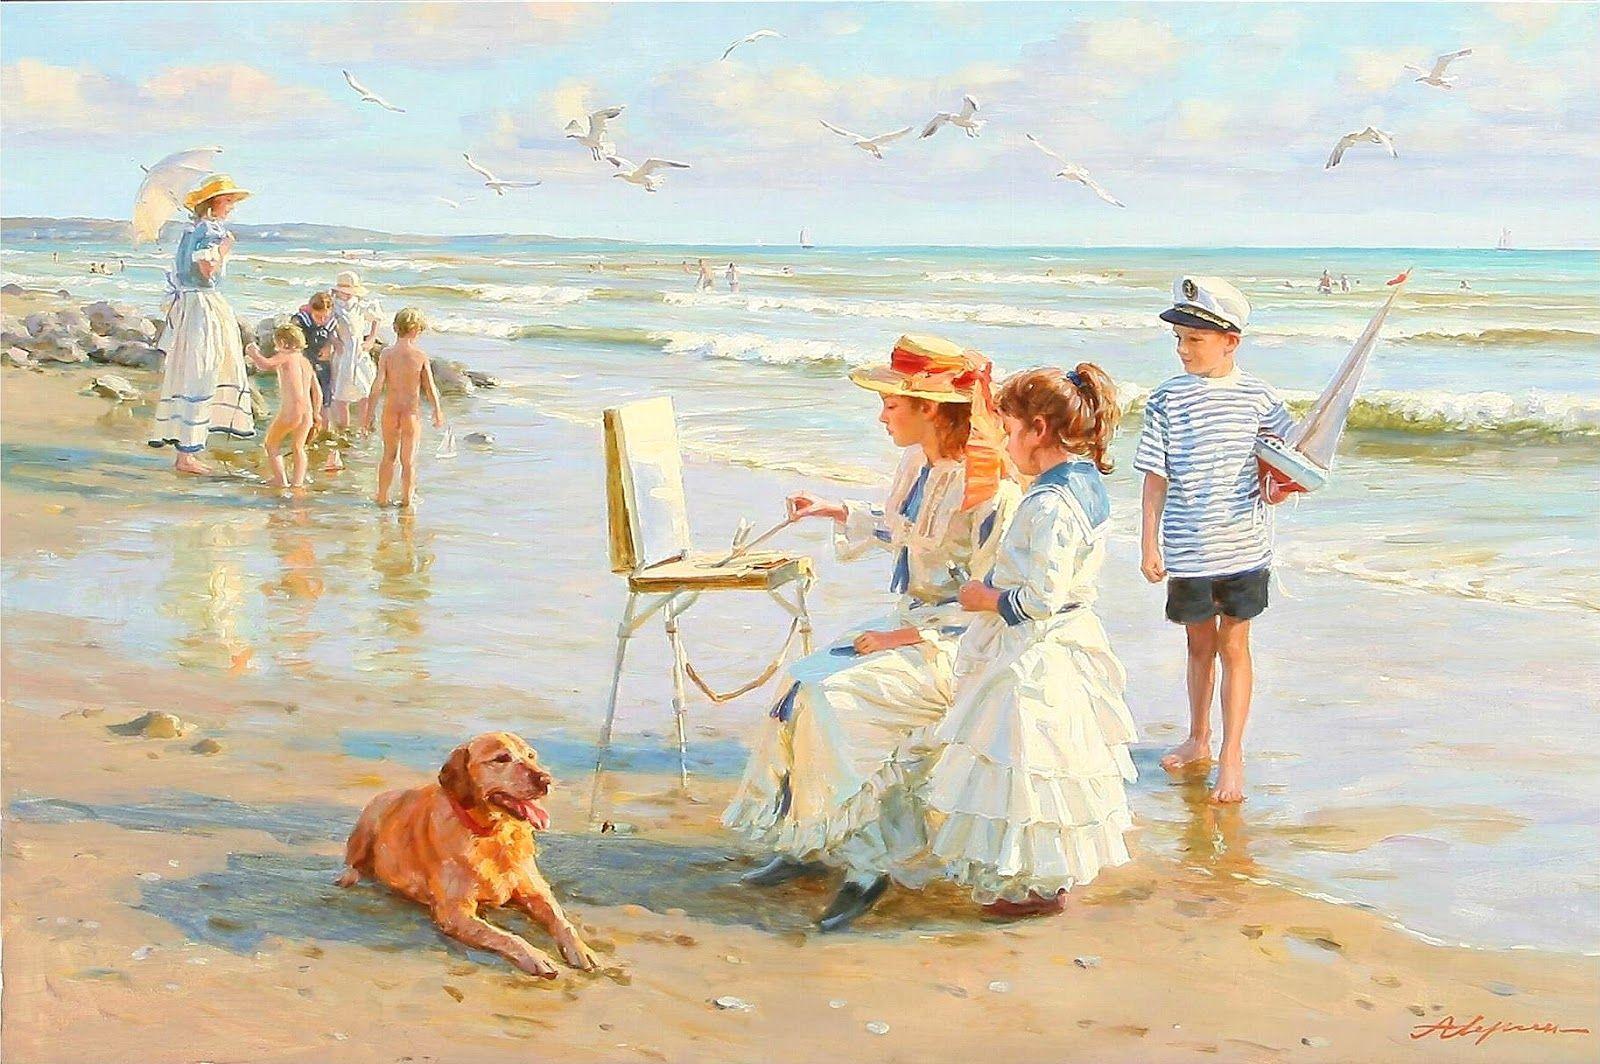 стол пляж картинка художника стильные, они создадут